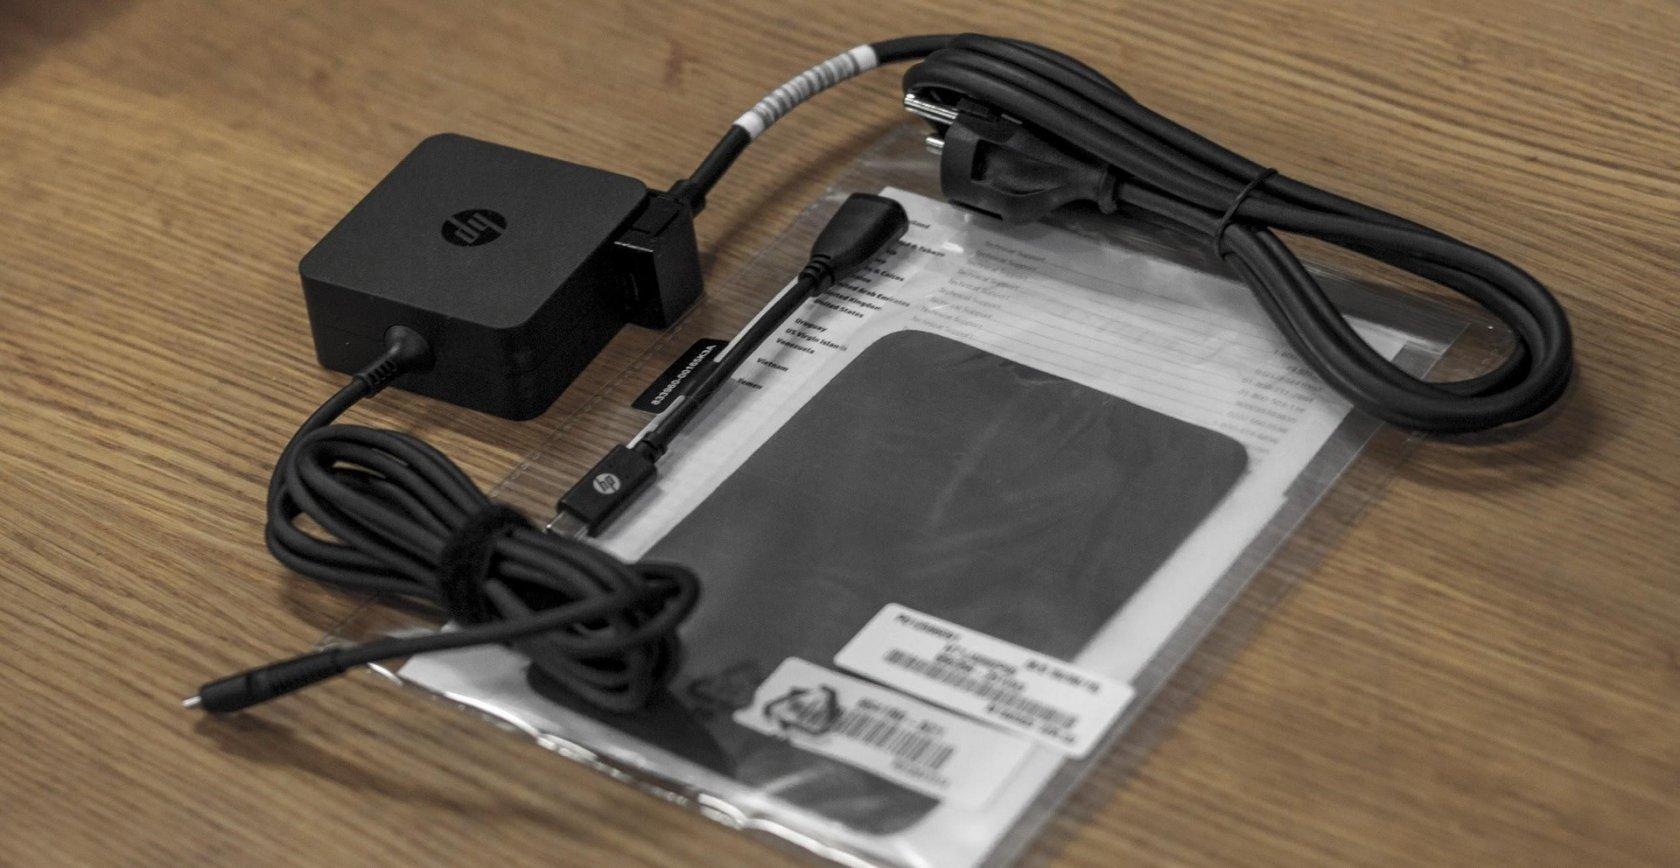 Технологии и дизайн в одном устройстве. Ноутбук HP Spectre 13 - 7